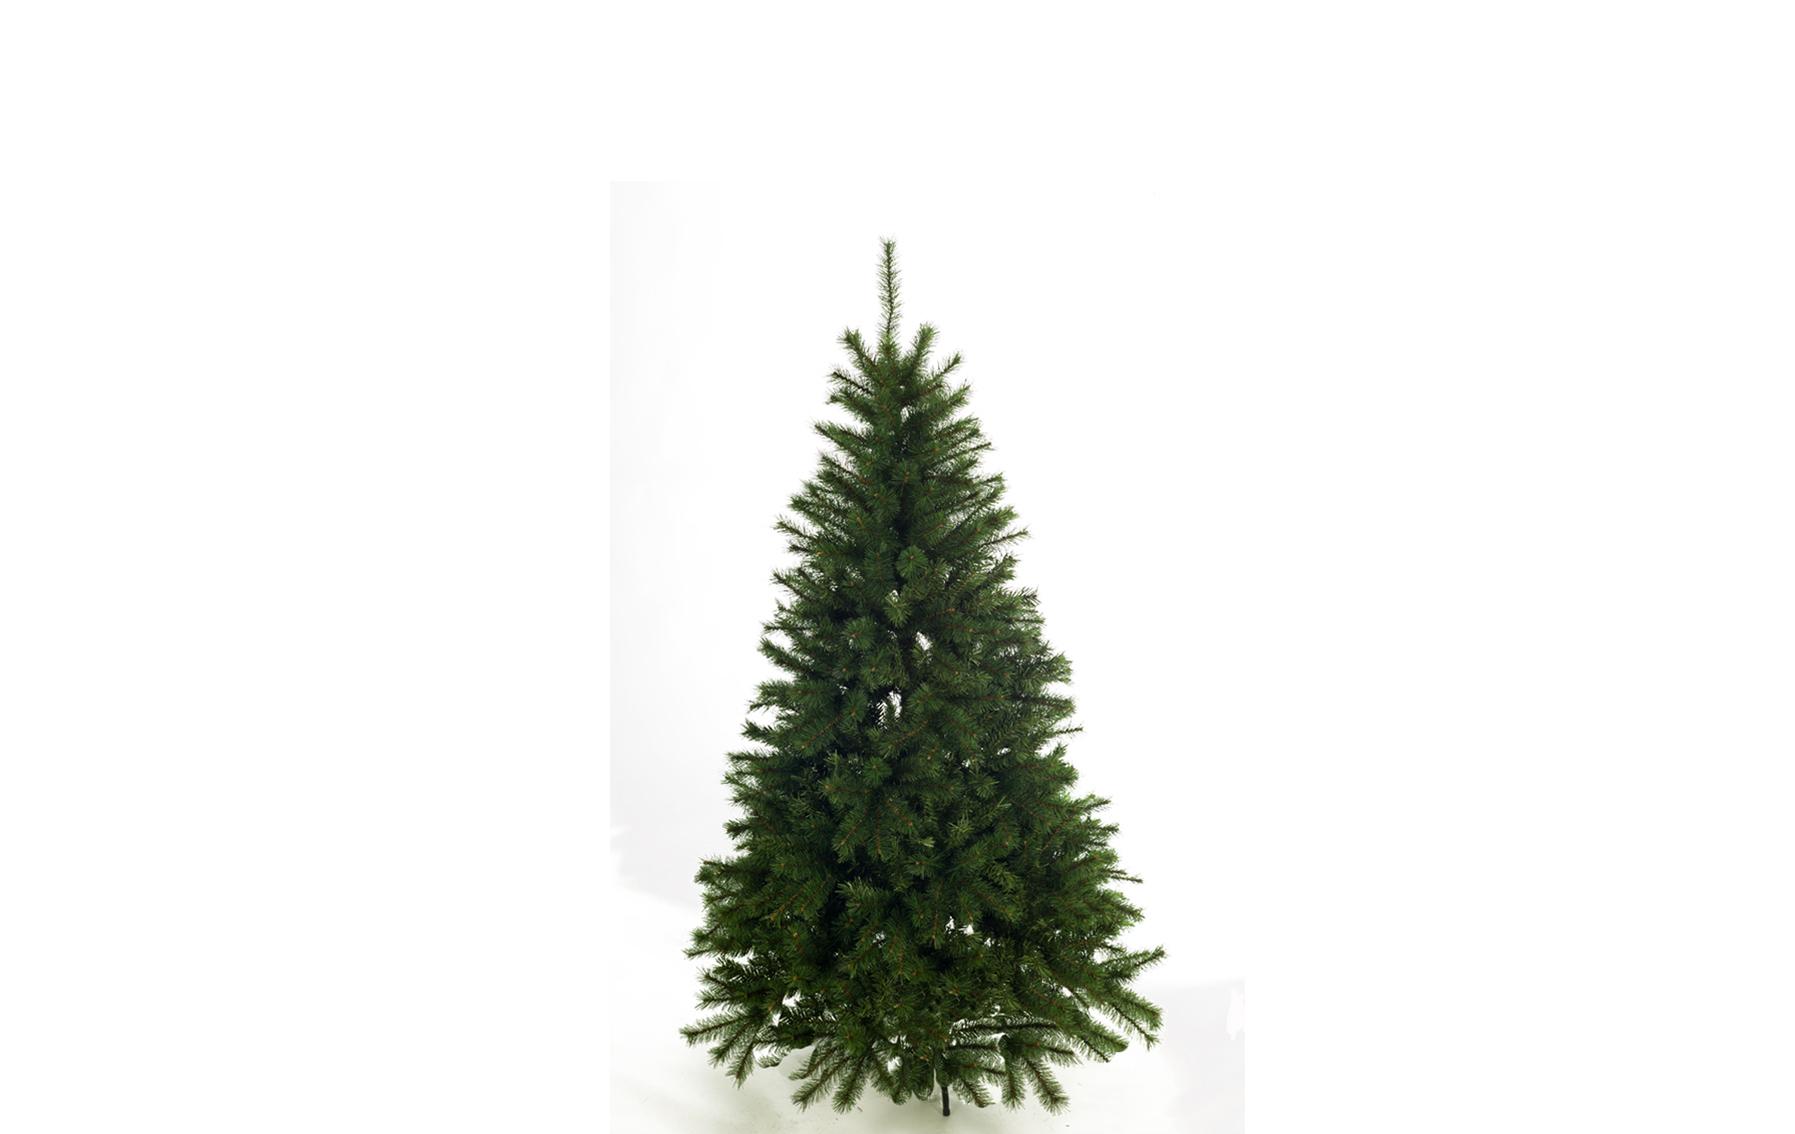 arbol navidad 225 cm de altura www.floresymuchomas.com